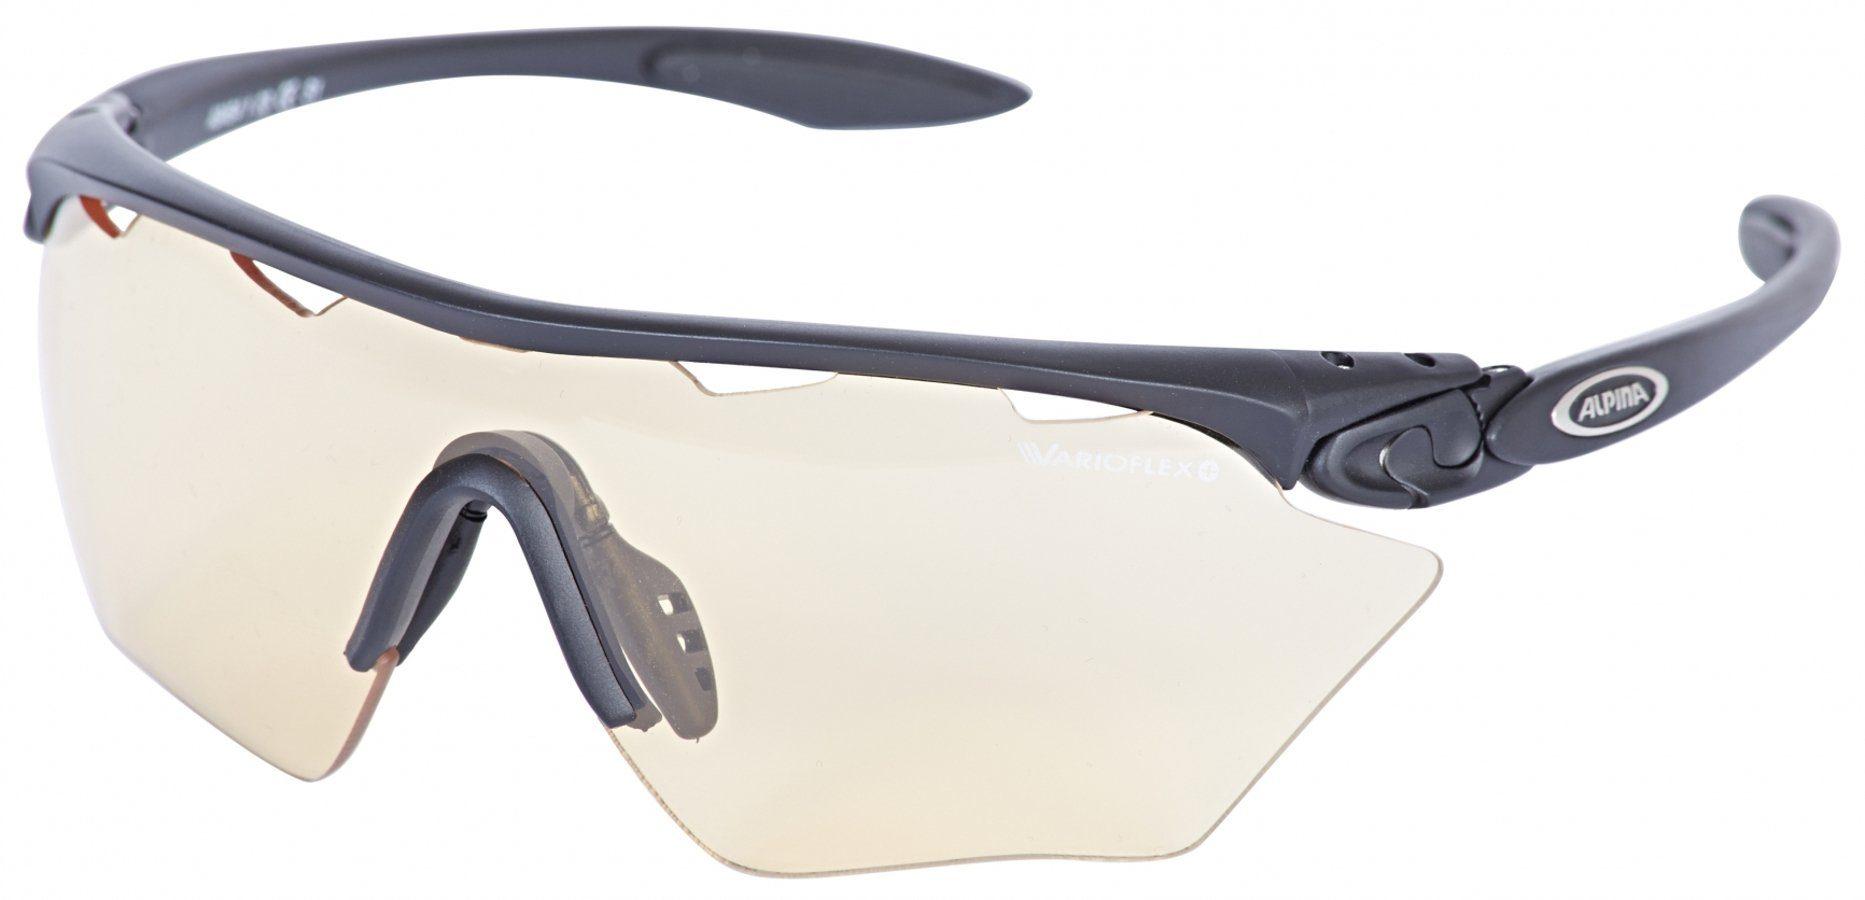 Alpina Radsportbrille »Twist Four Shield VL+«